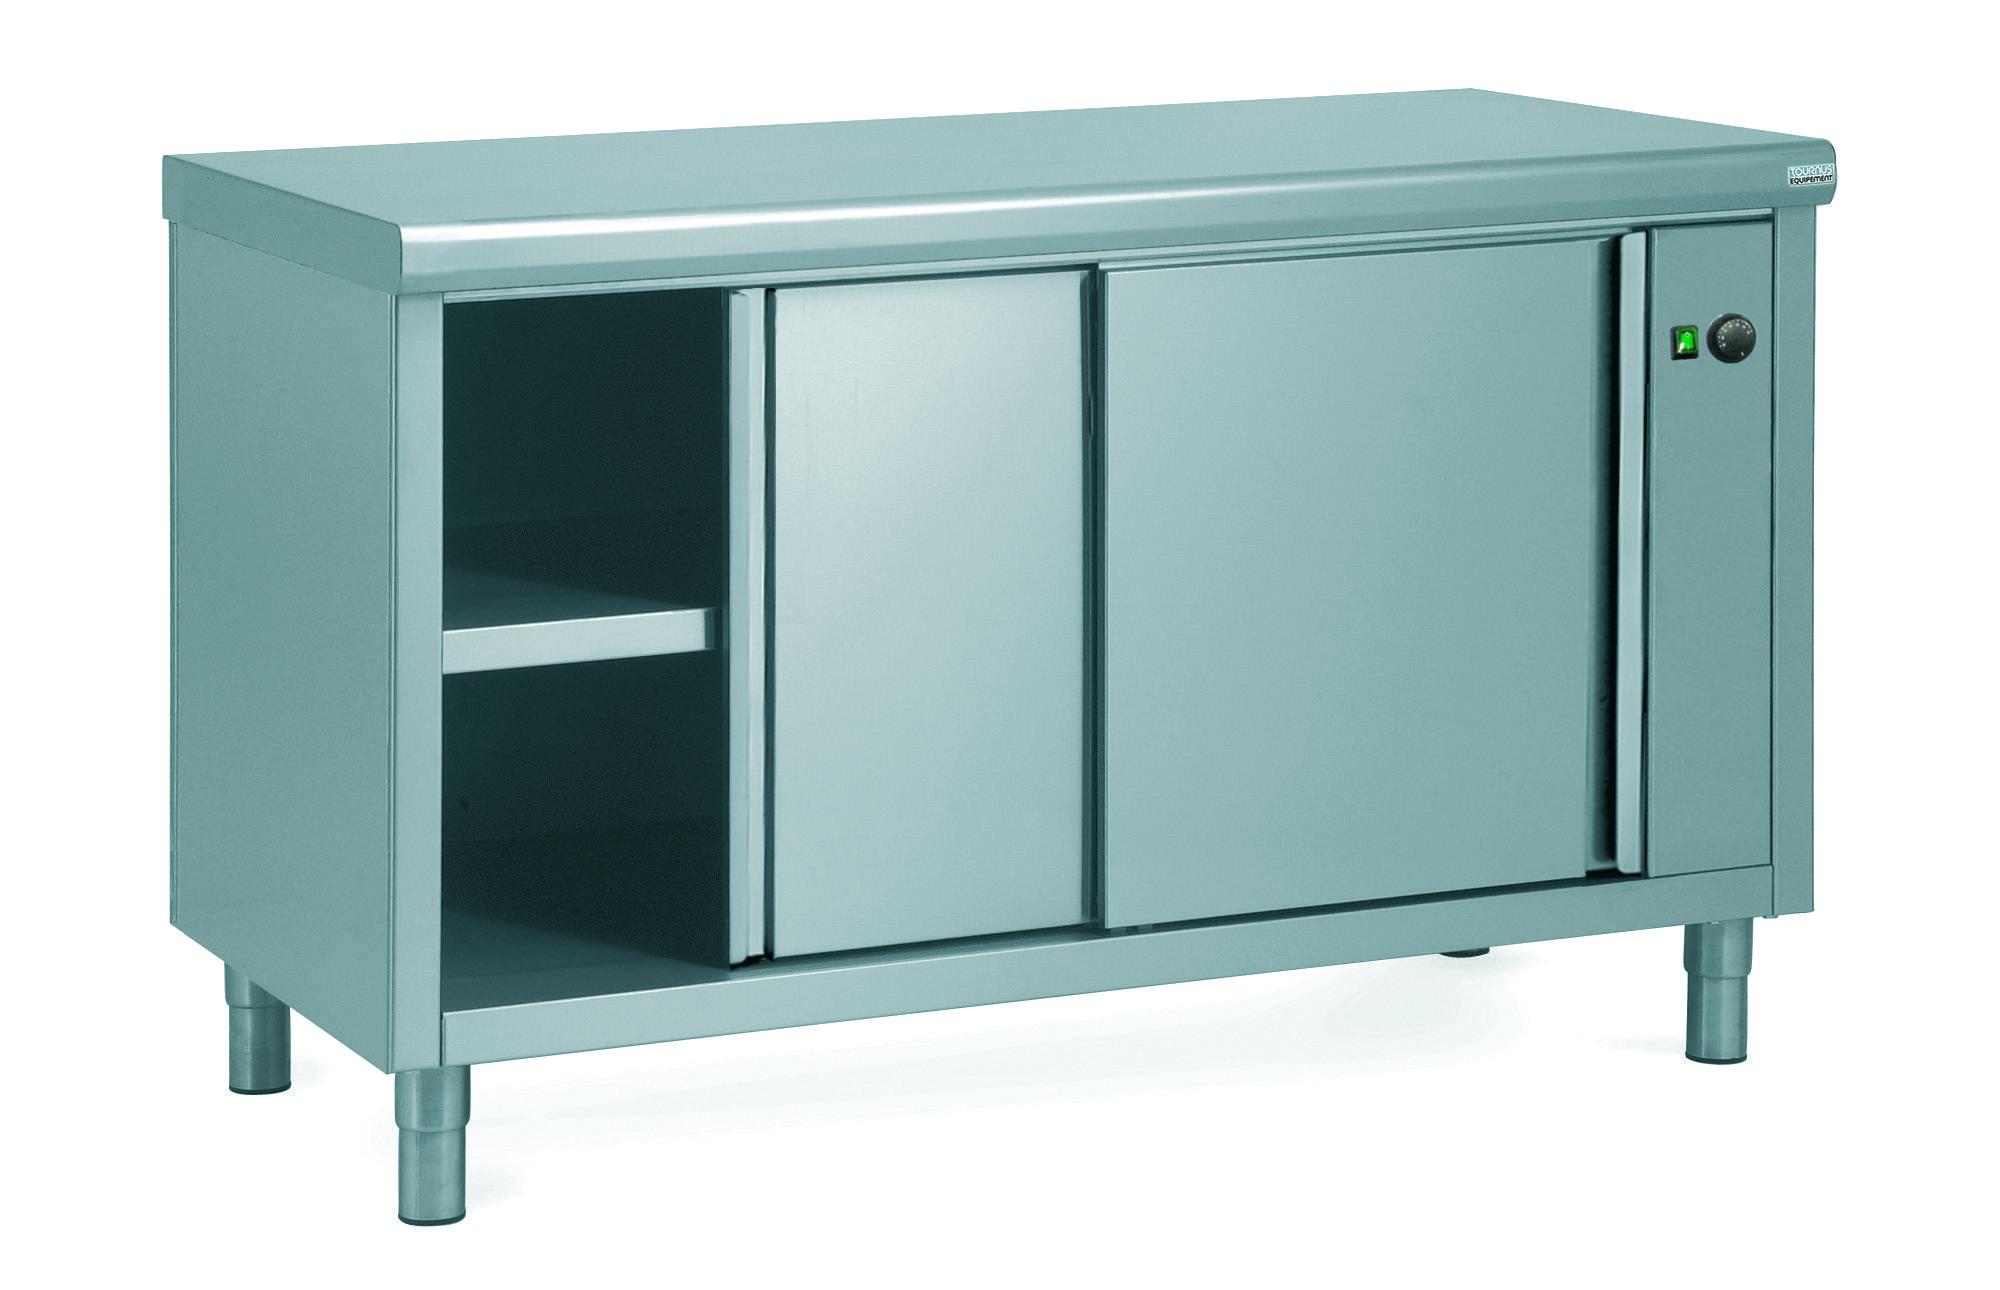 meuble bas de cuisine a portes coulissantes